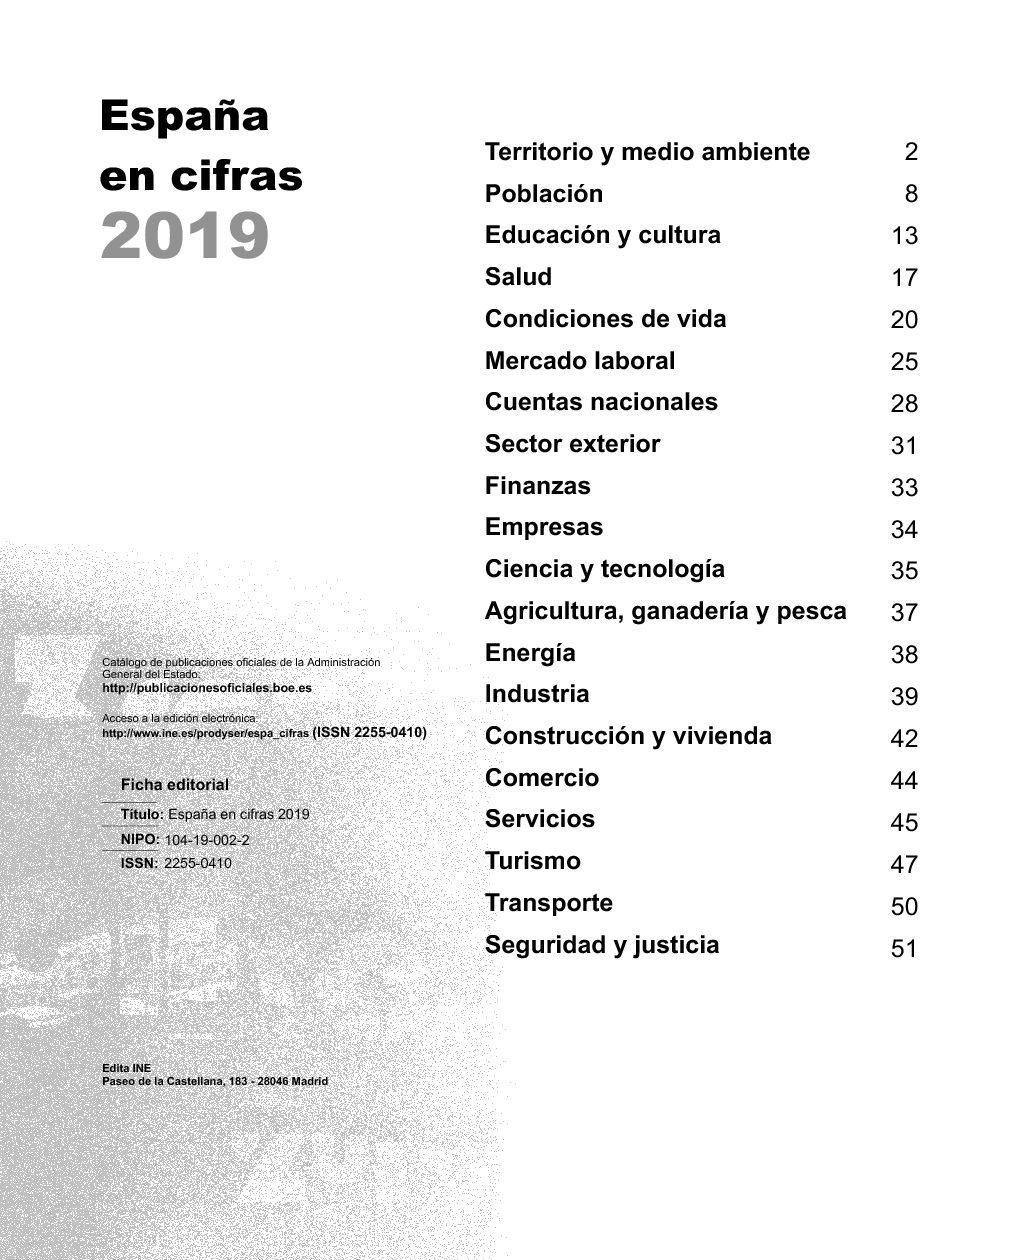 España en cifras 2019